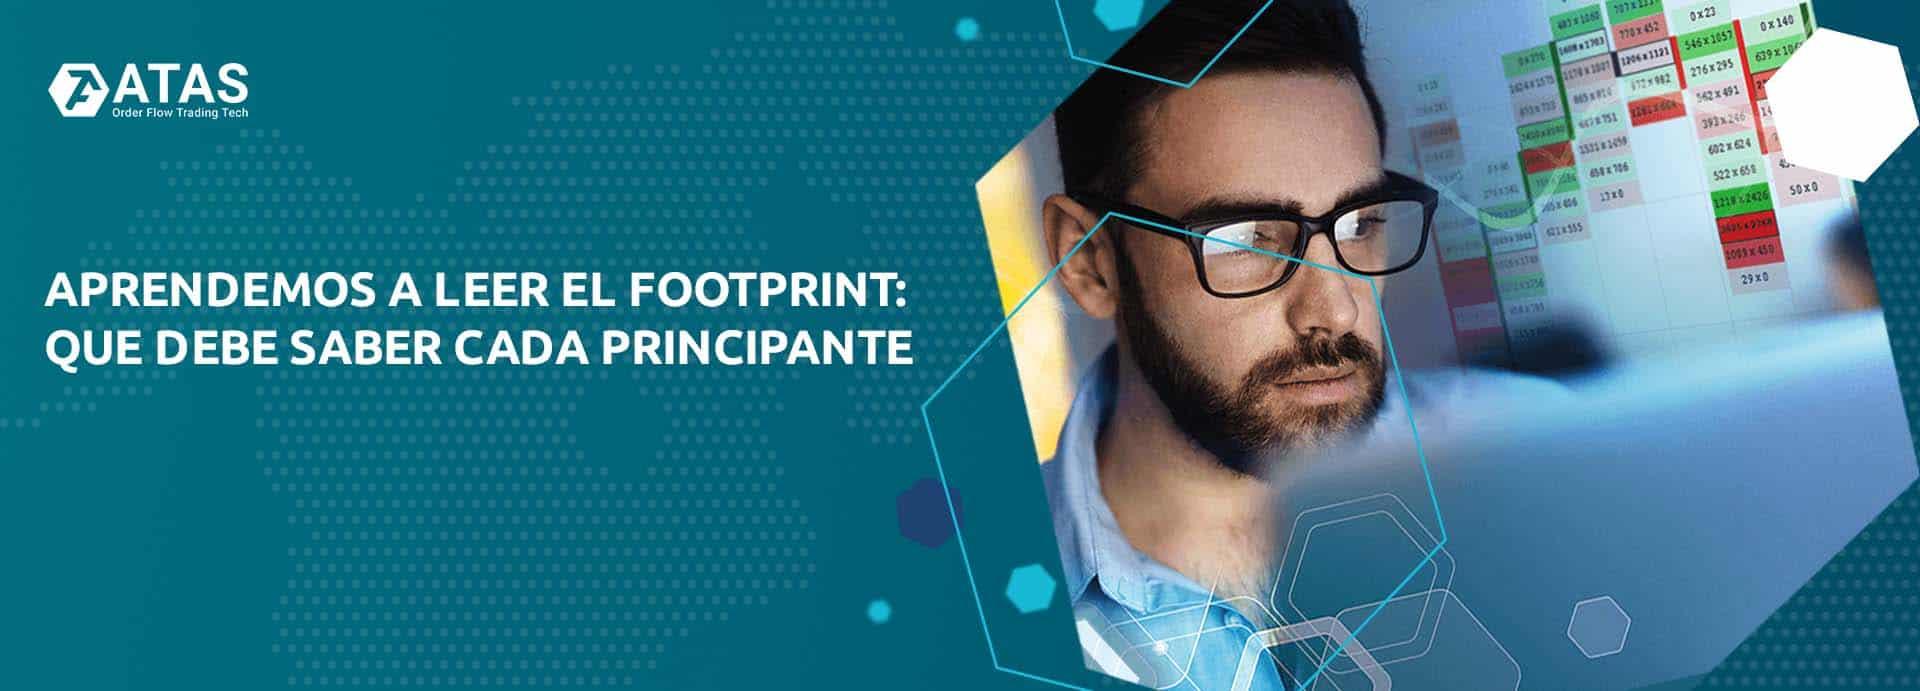 Aprendemos a leer el Footprint que debe saber cada principante